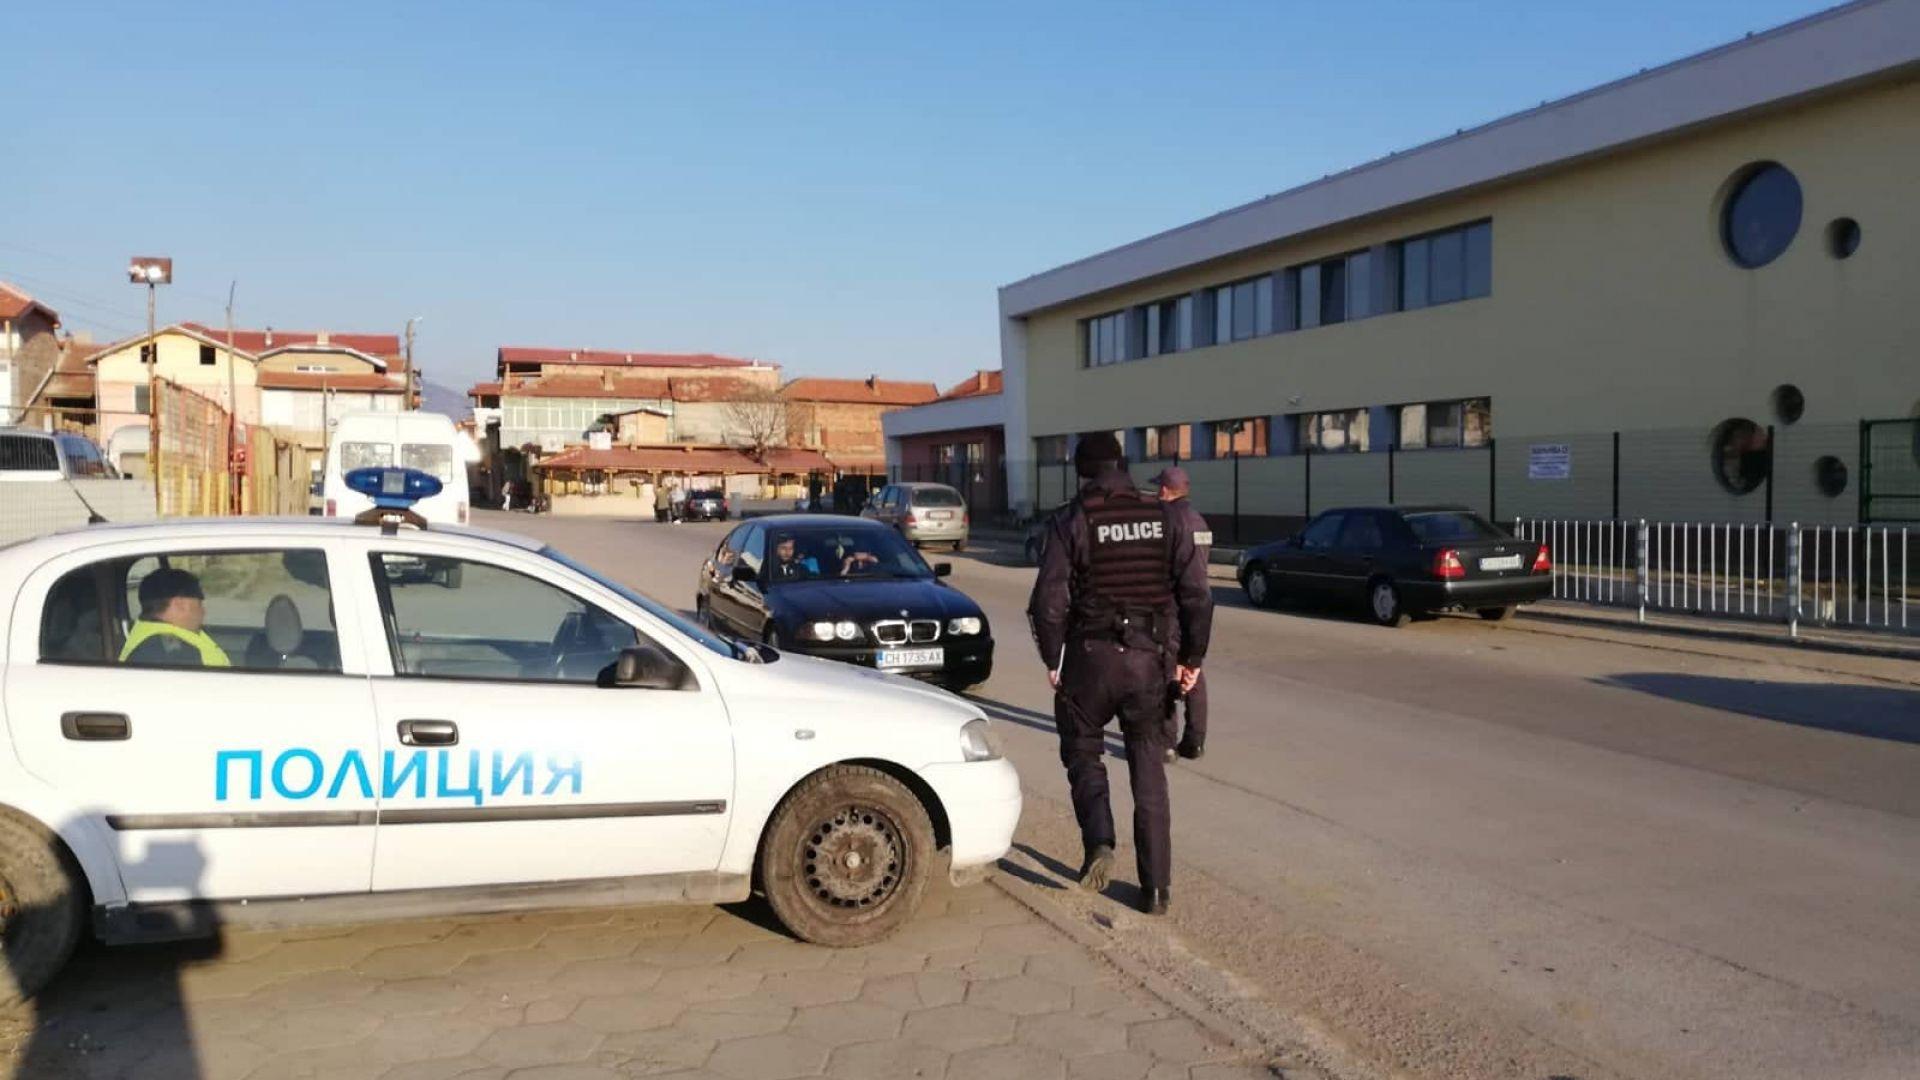 Хванаха рекорден брой шофьори в нарушения в Сливен (снимки)